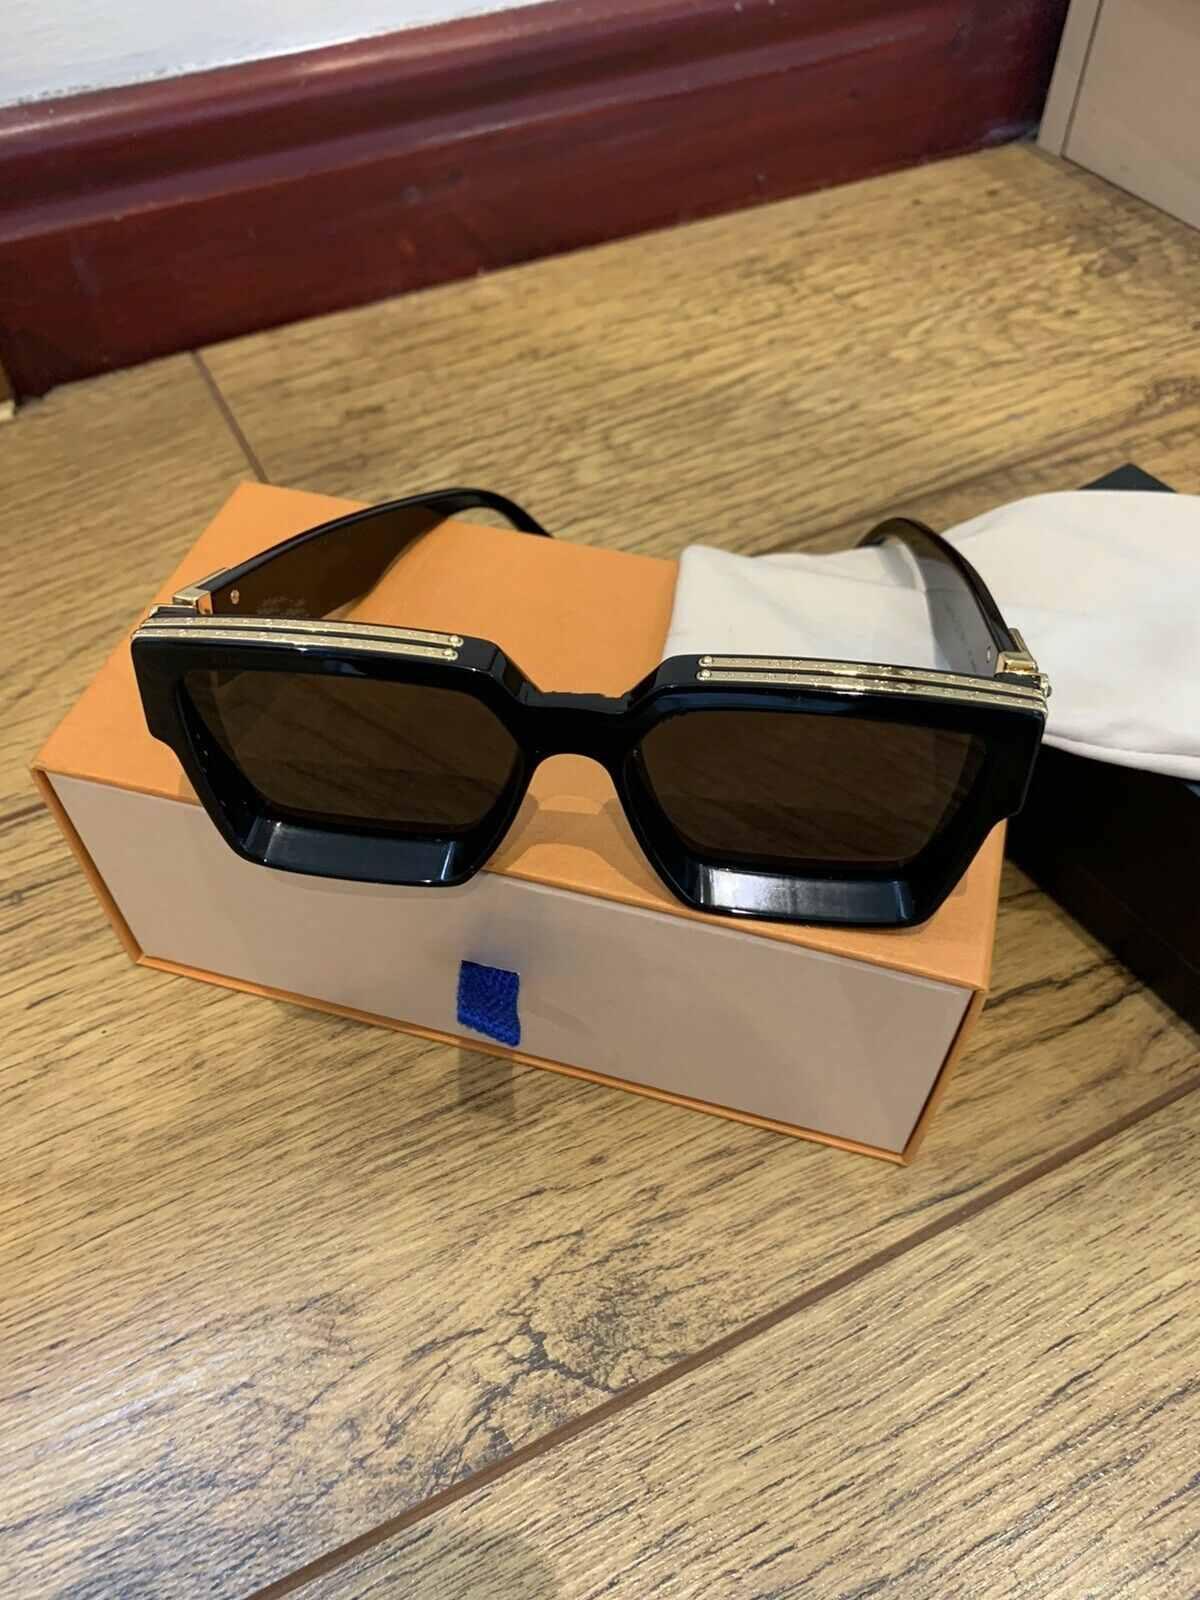 Luxus-MILLIONäR Sonnenbrille für Männer Full-Frame Vintage-Designer 1.1 Sonnenbrille Frauen MILLIONäR Schwarz-Logo 96006 Sun glas